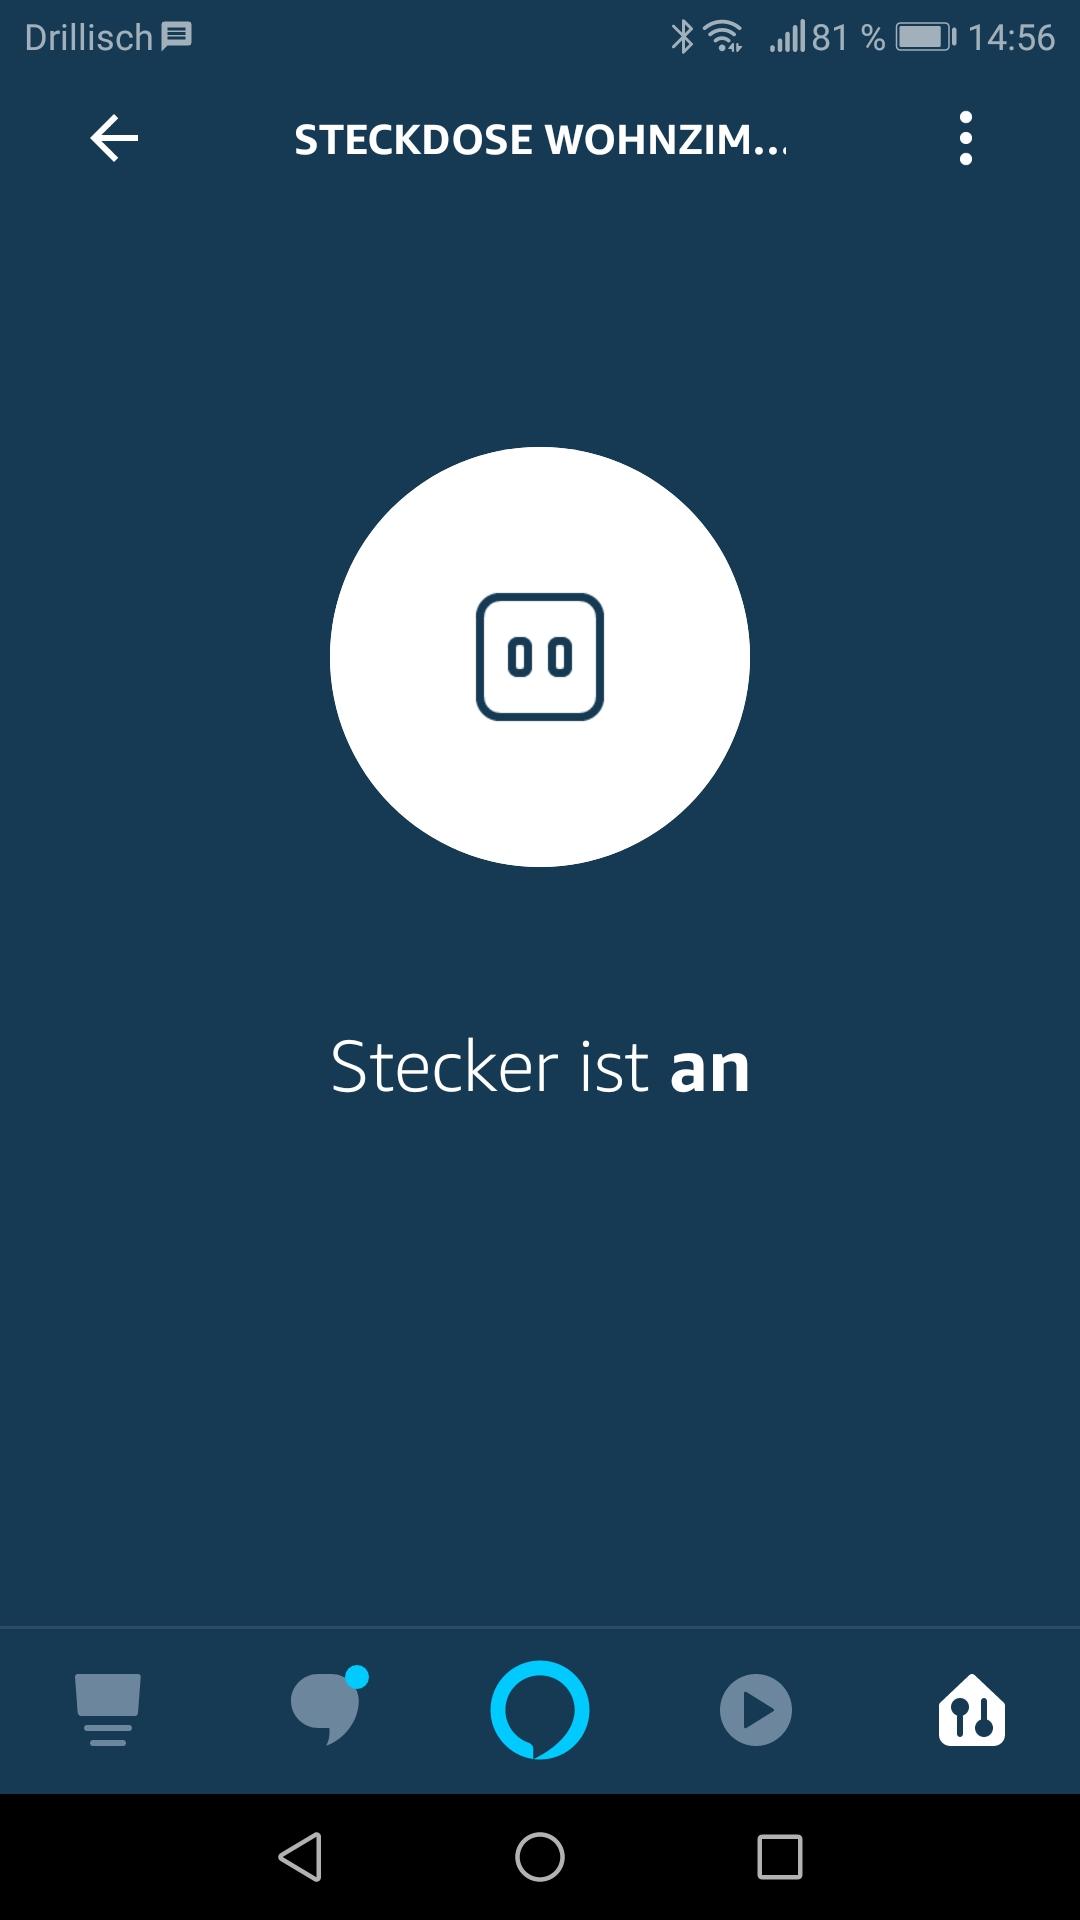 Smartphone App steuert die Steckdose. Stecker ist an